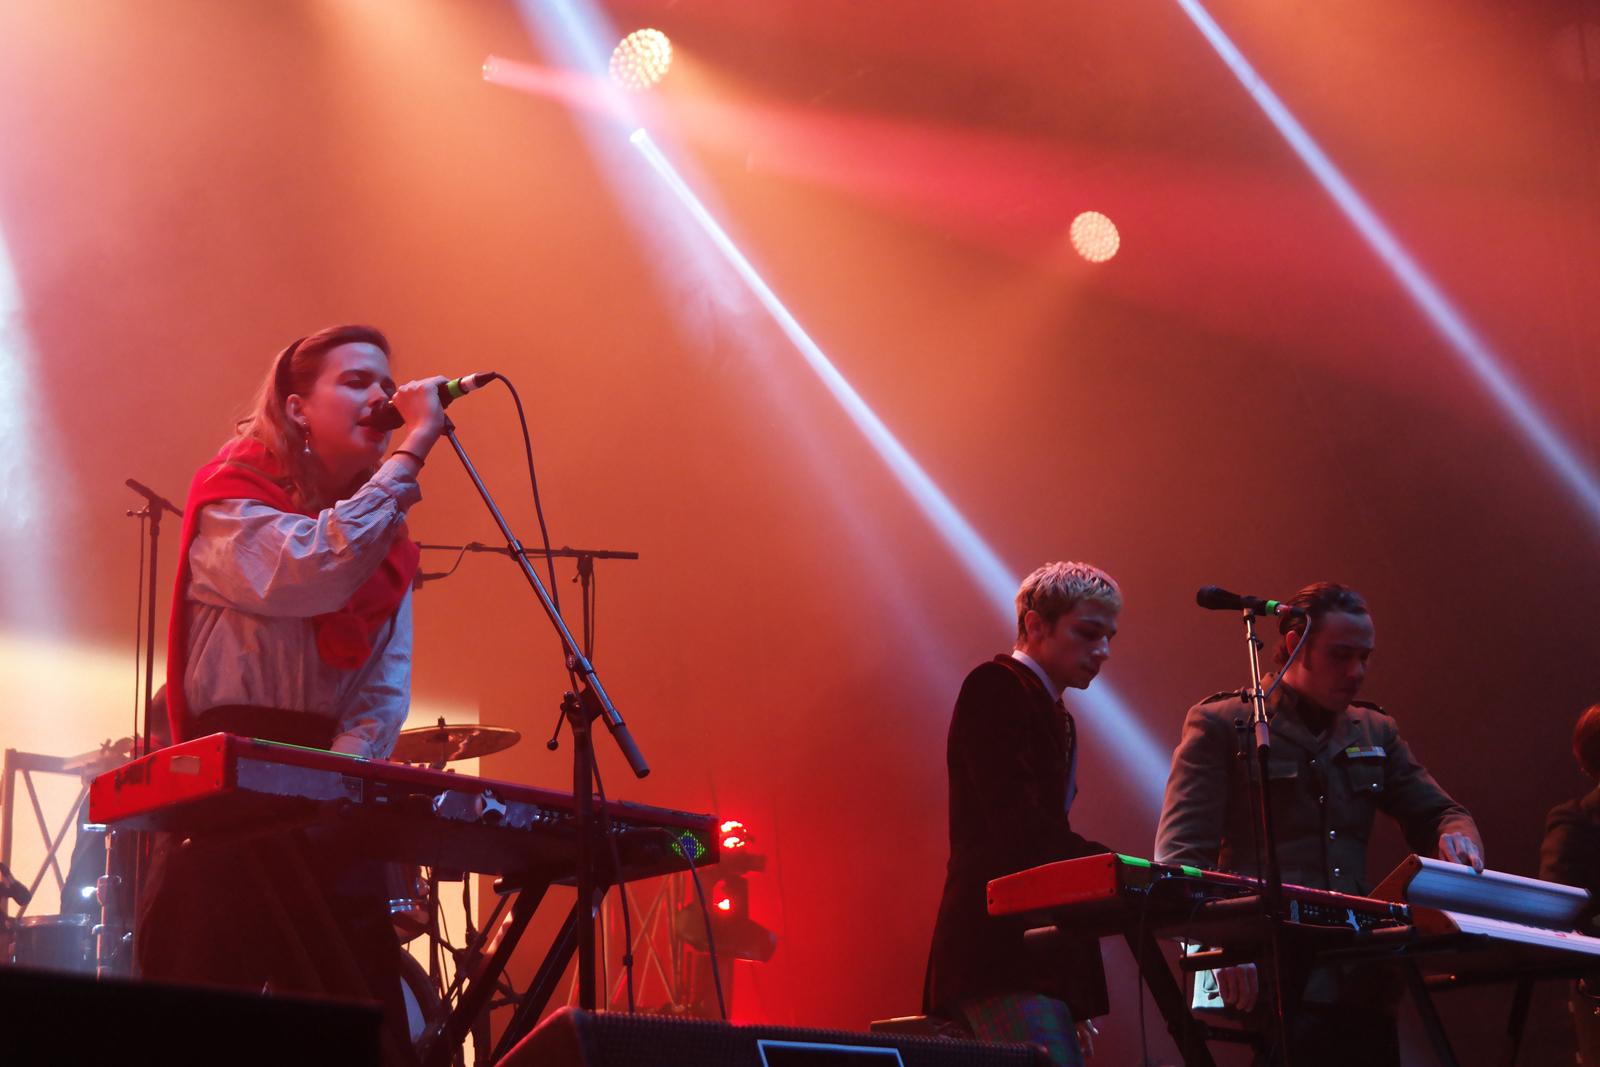 La Femme live concert Printemps de Bourges 2016 avec Clémence Quélennec Marlon Magnée festival musique tournée photo scène usofparis blog